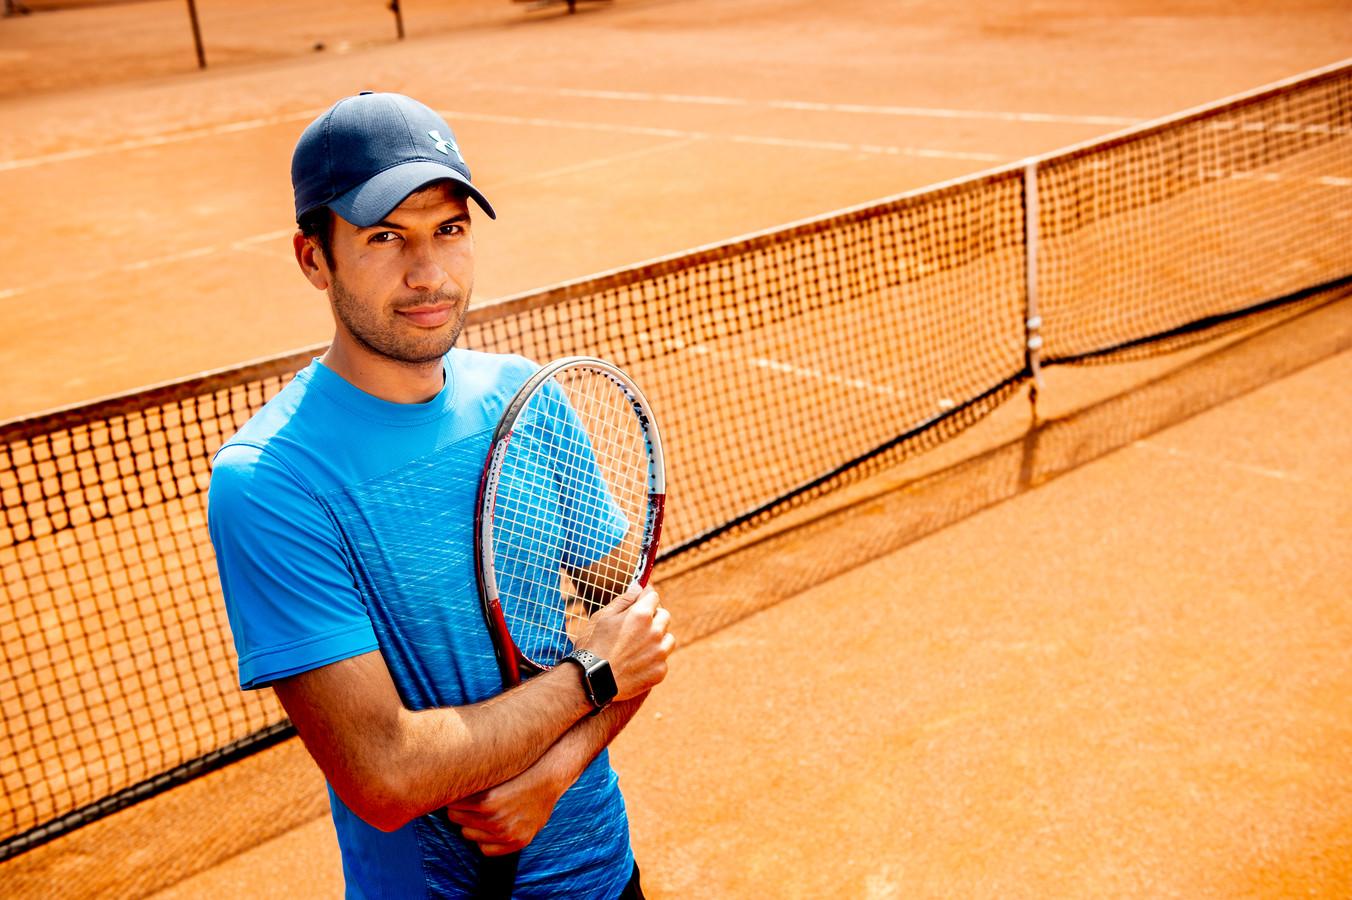 """Sattar Shamous (33) heeft als politieke vluchteling bijna zijn diploma als tennisleraar te pakken. ,,Tennis is mijn passie. En daar kan ik nu mijn werk van maken."""""""